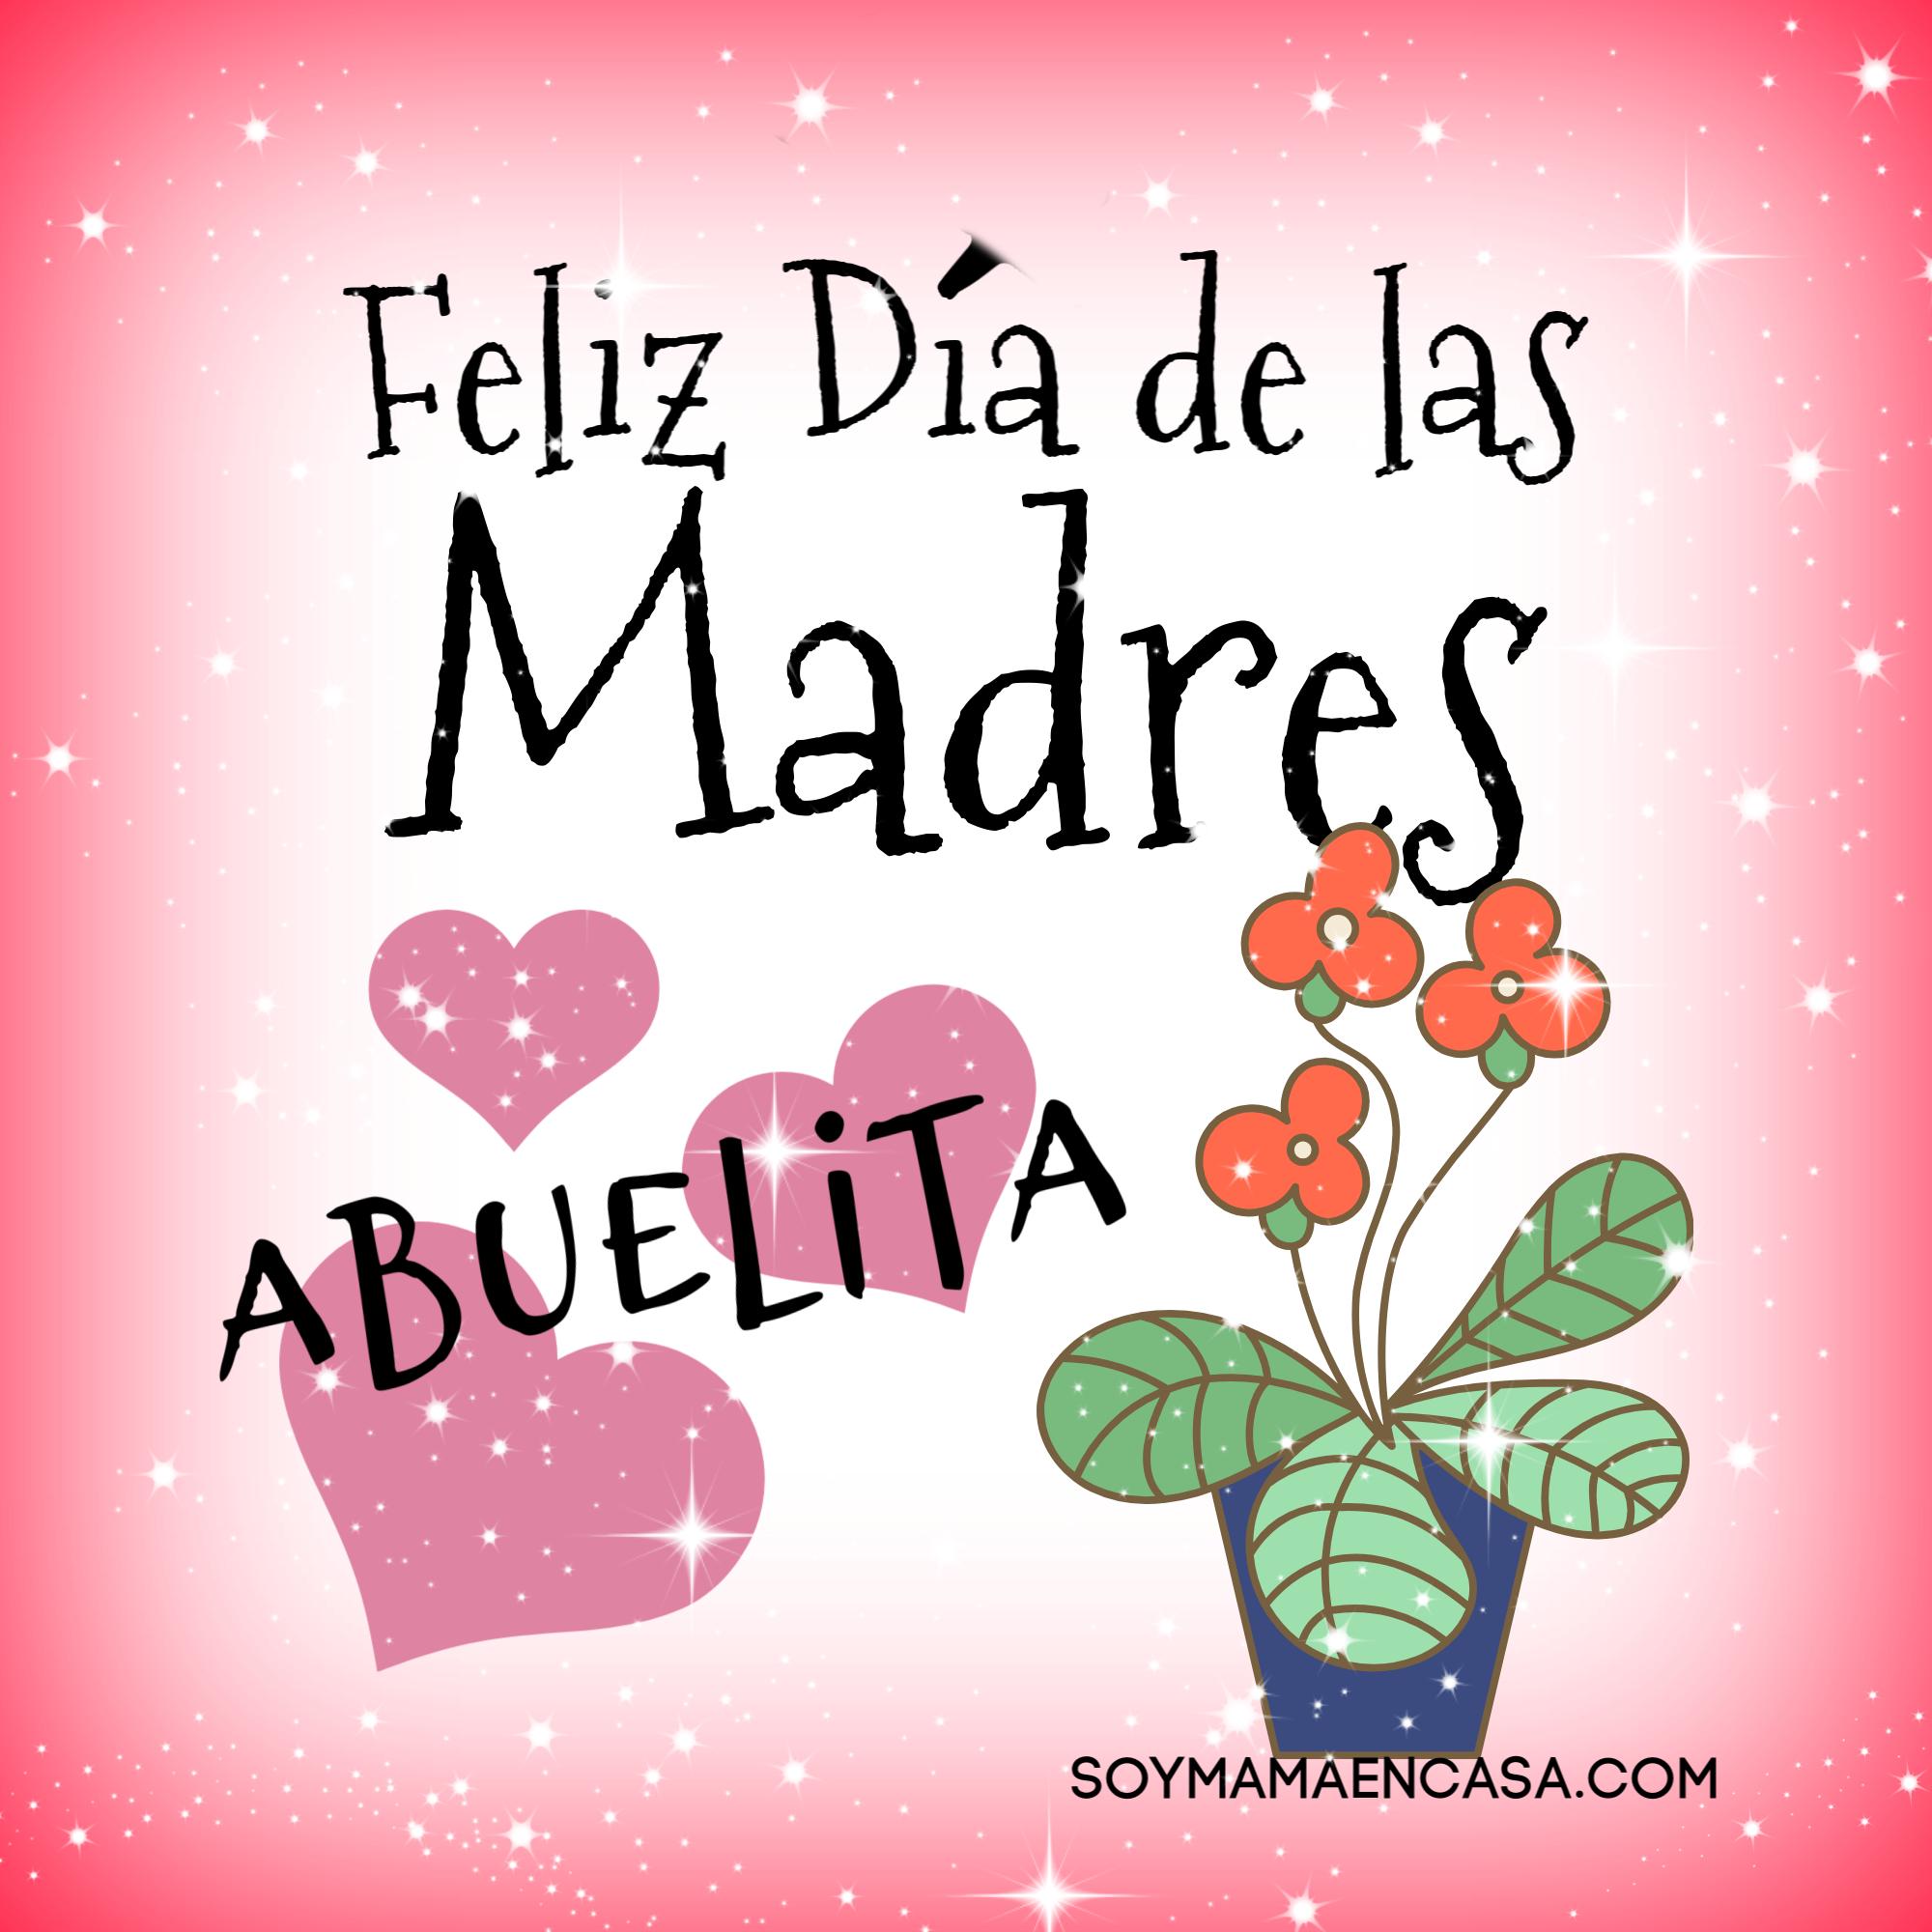 Imagenes para Desear A Mi Abuelita Feliz Dia De Las Madres